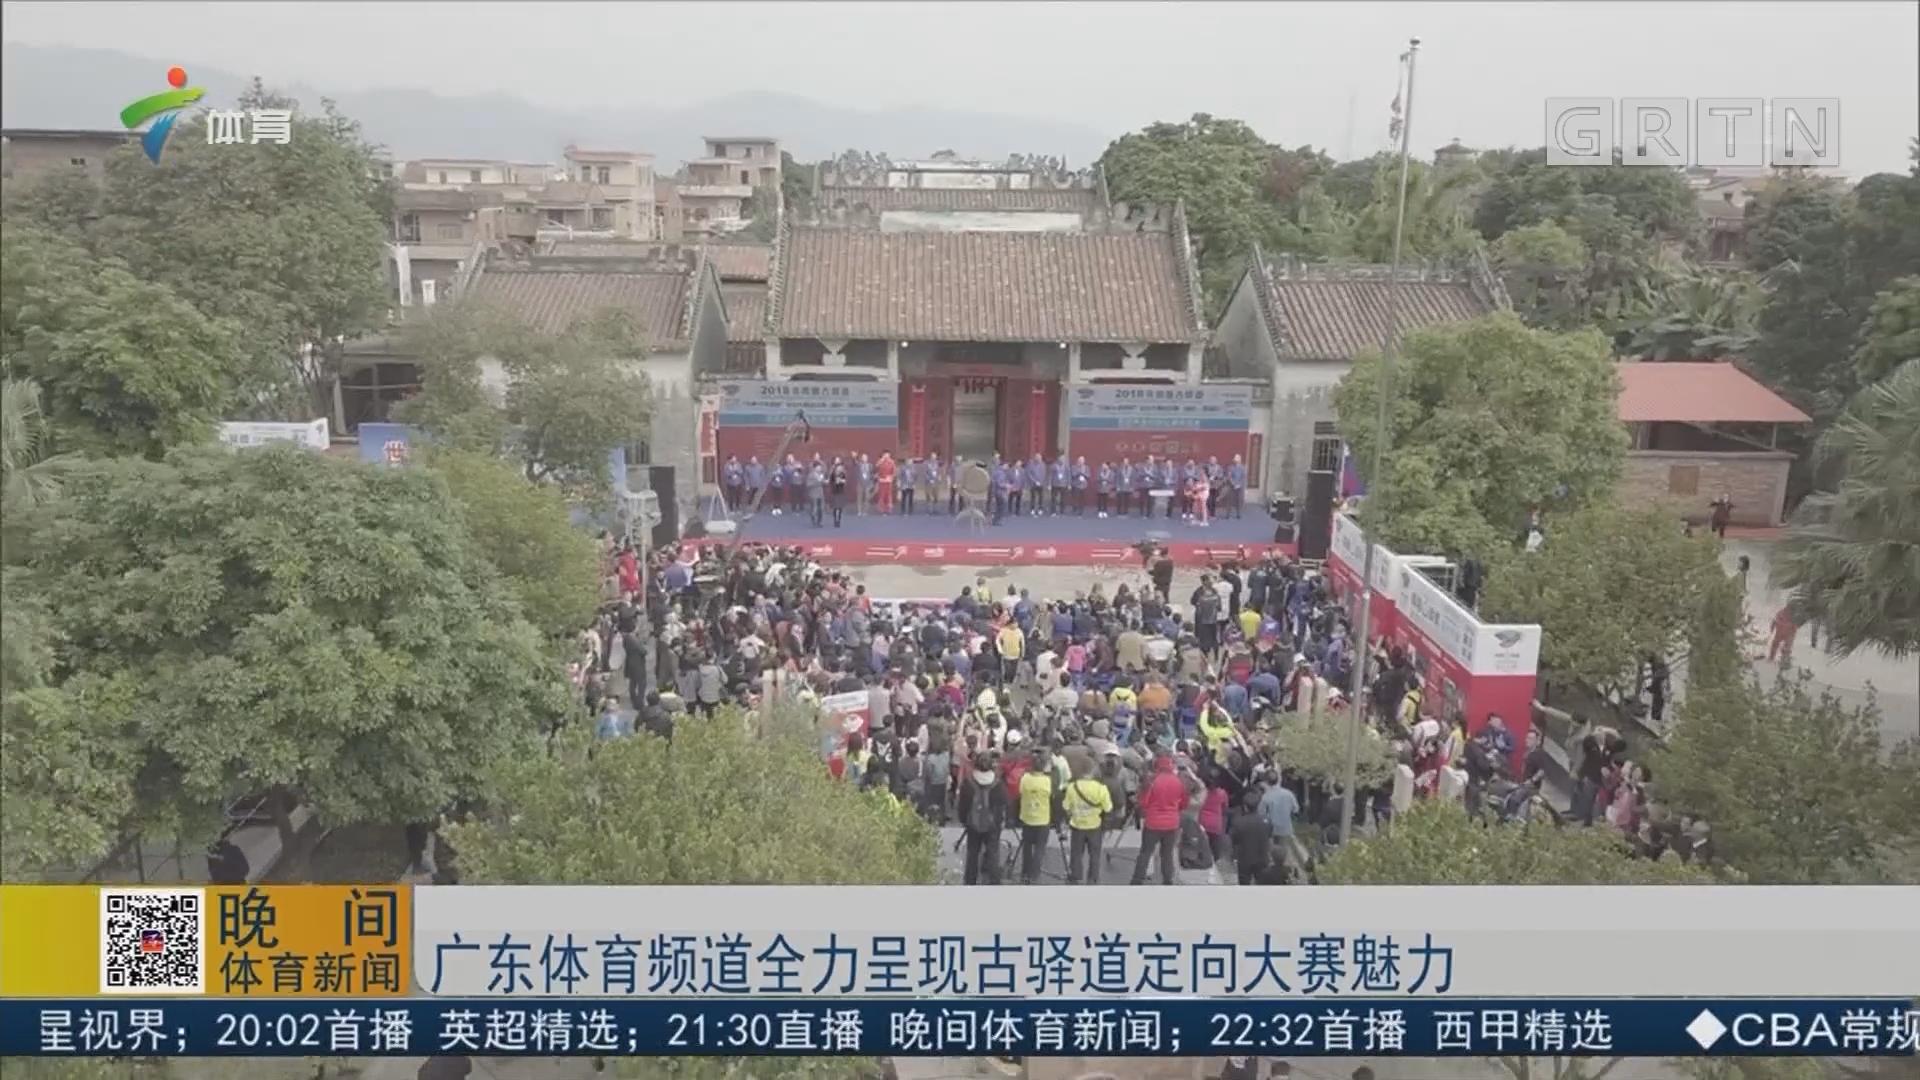 广东体育频道全力呈现古驿道定向大赛魅力